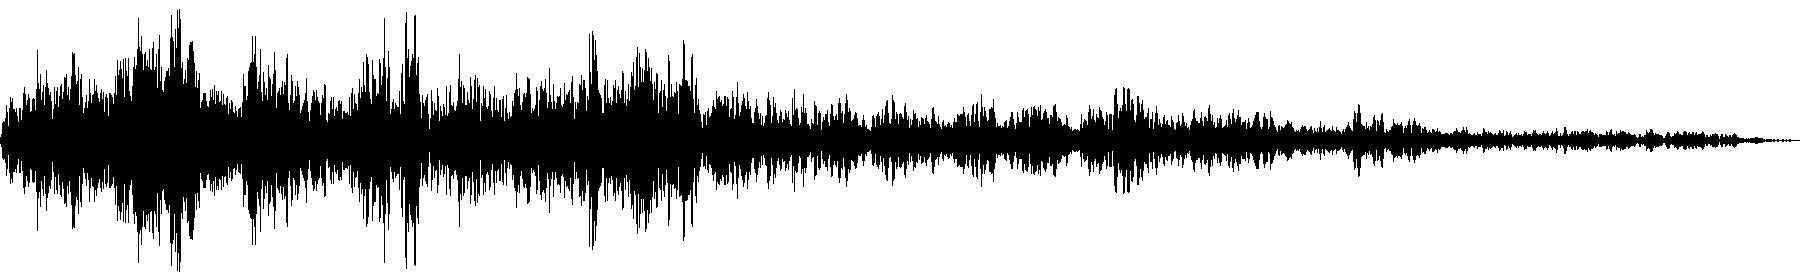 bluezone xworld sound 006